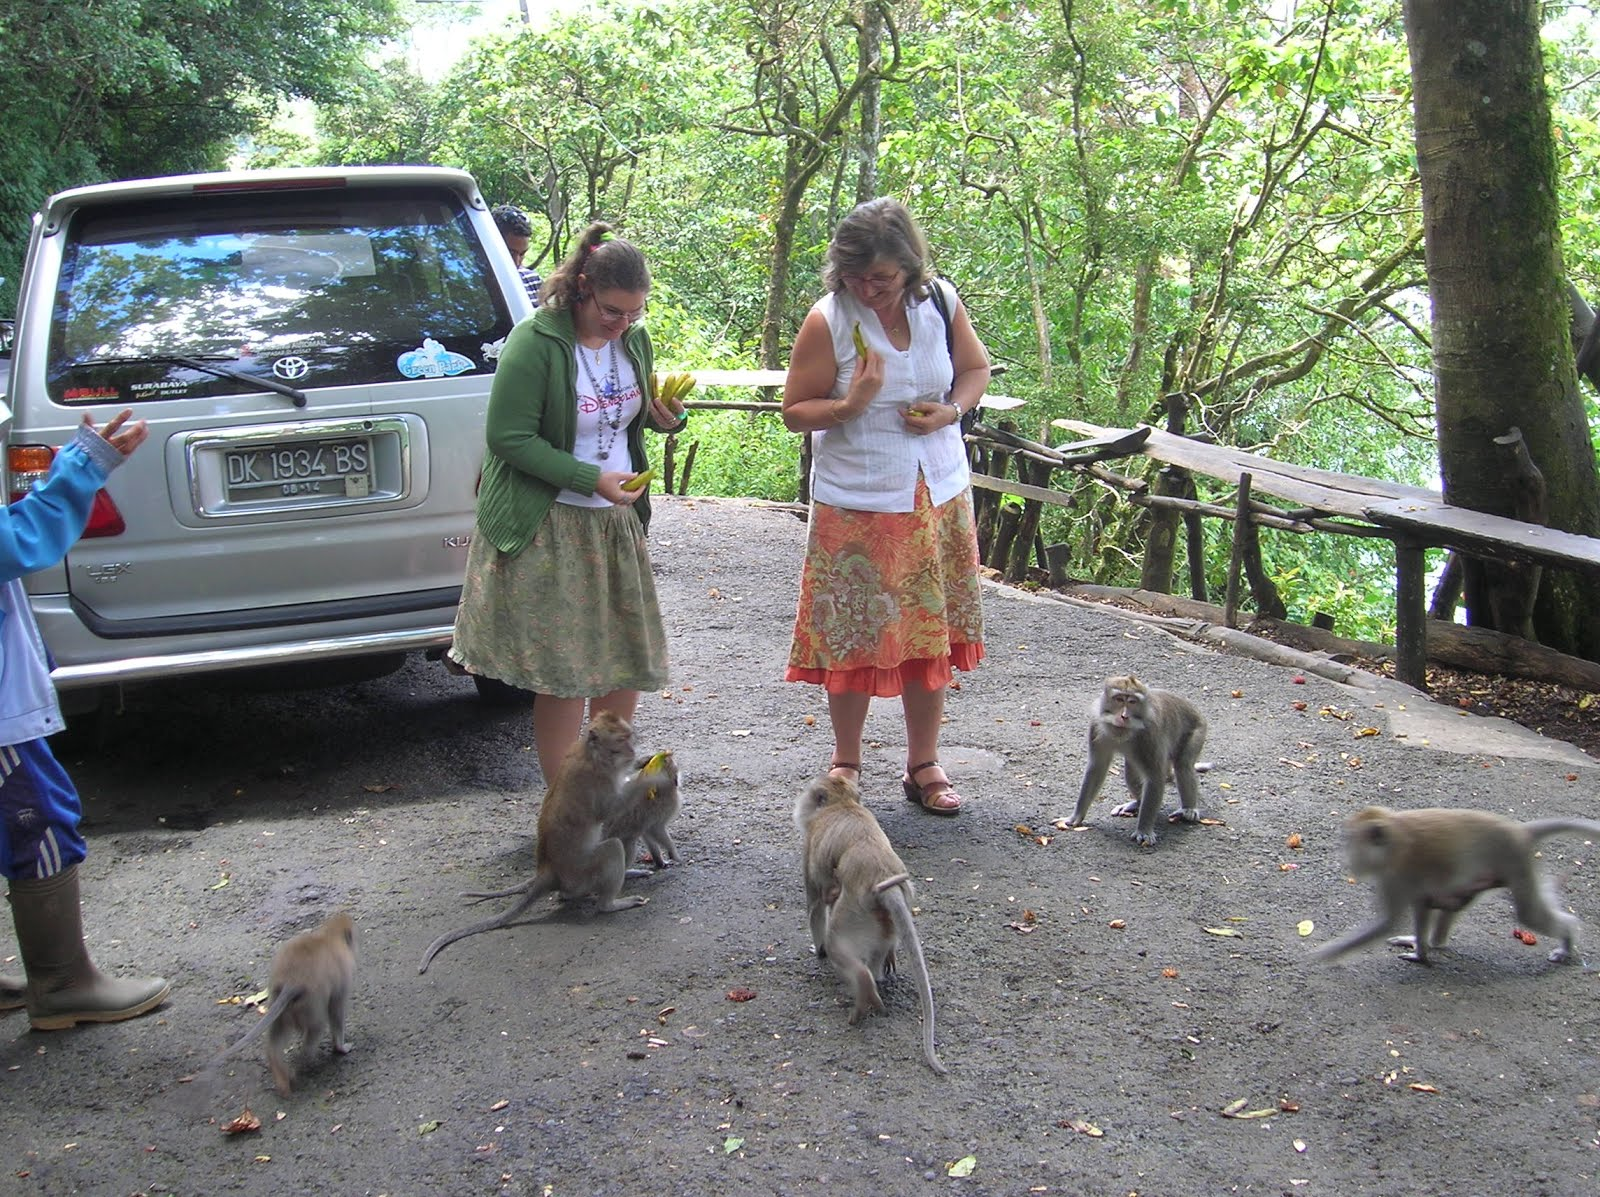 Monos, Isla de Bali,Indonesia, vuelta al mundo, round the world, La vuelta al mundo de Asun y Ricardo